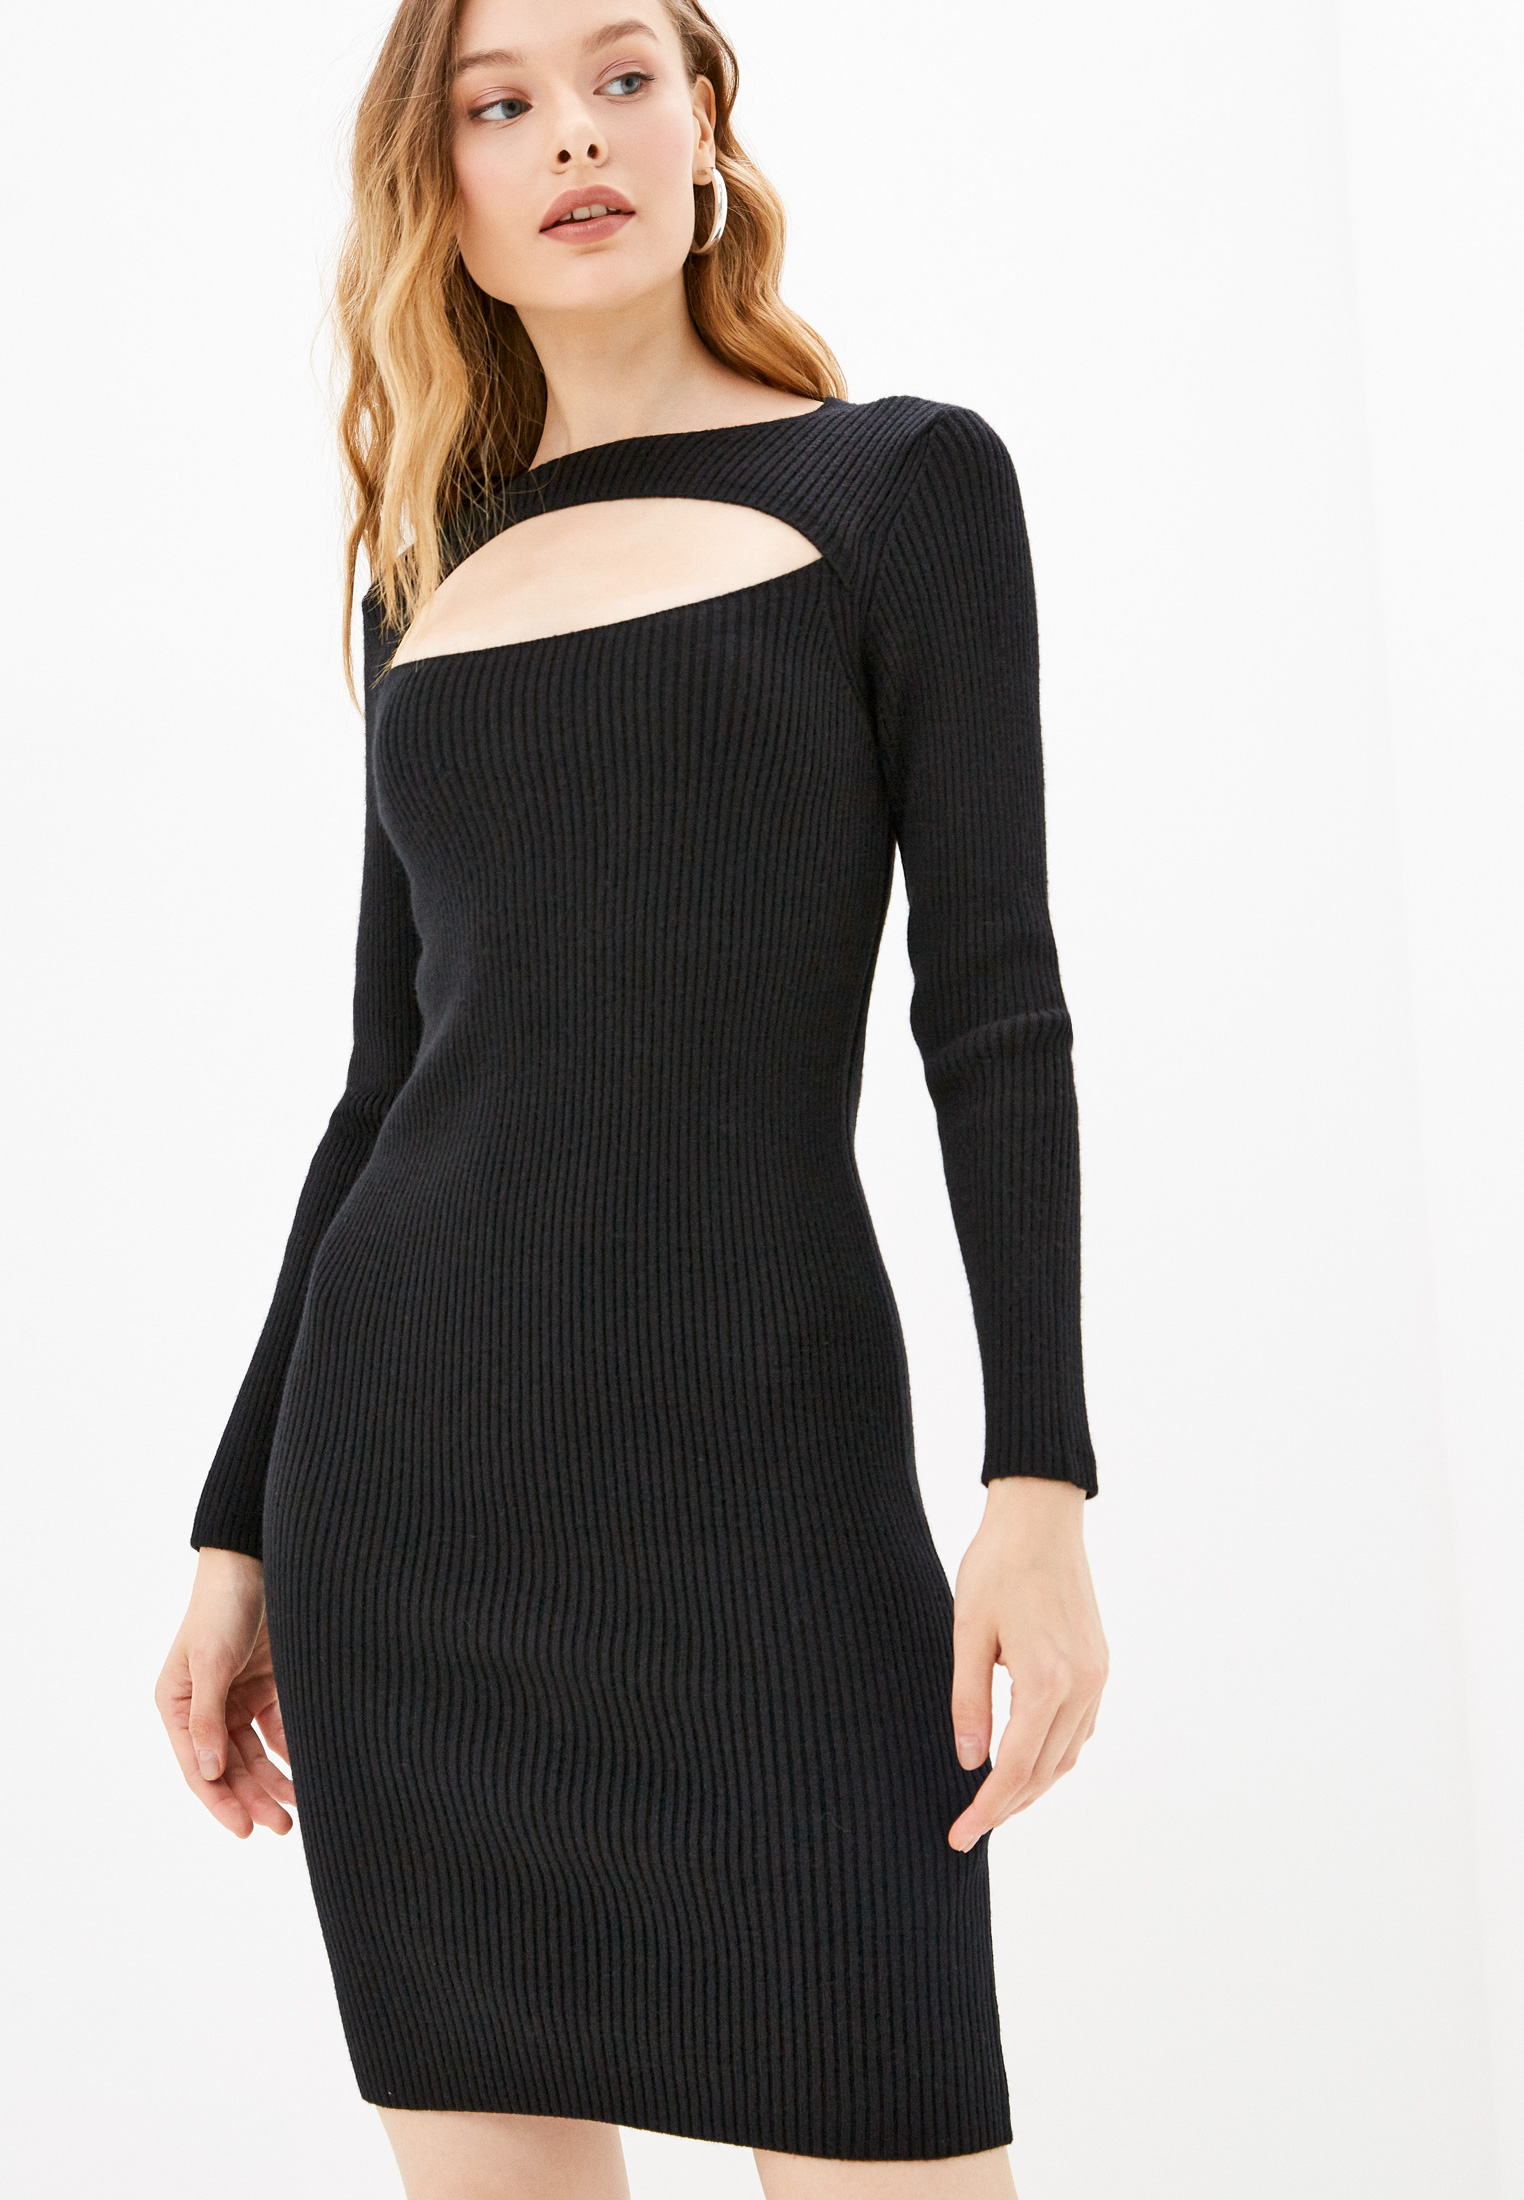 Вязаное платье Rinascimento (Ринасименто) CFM0010356003